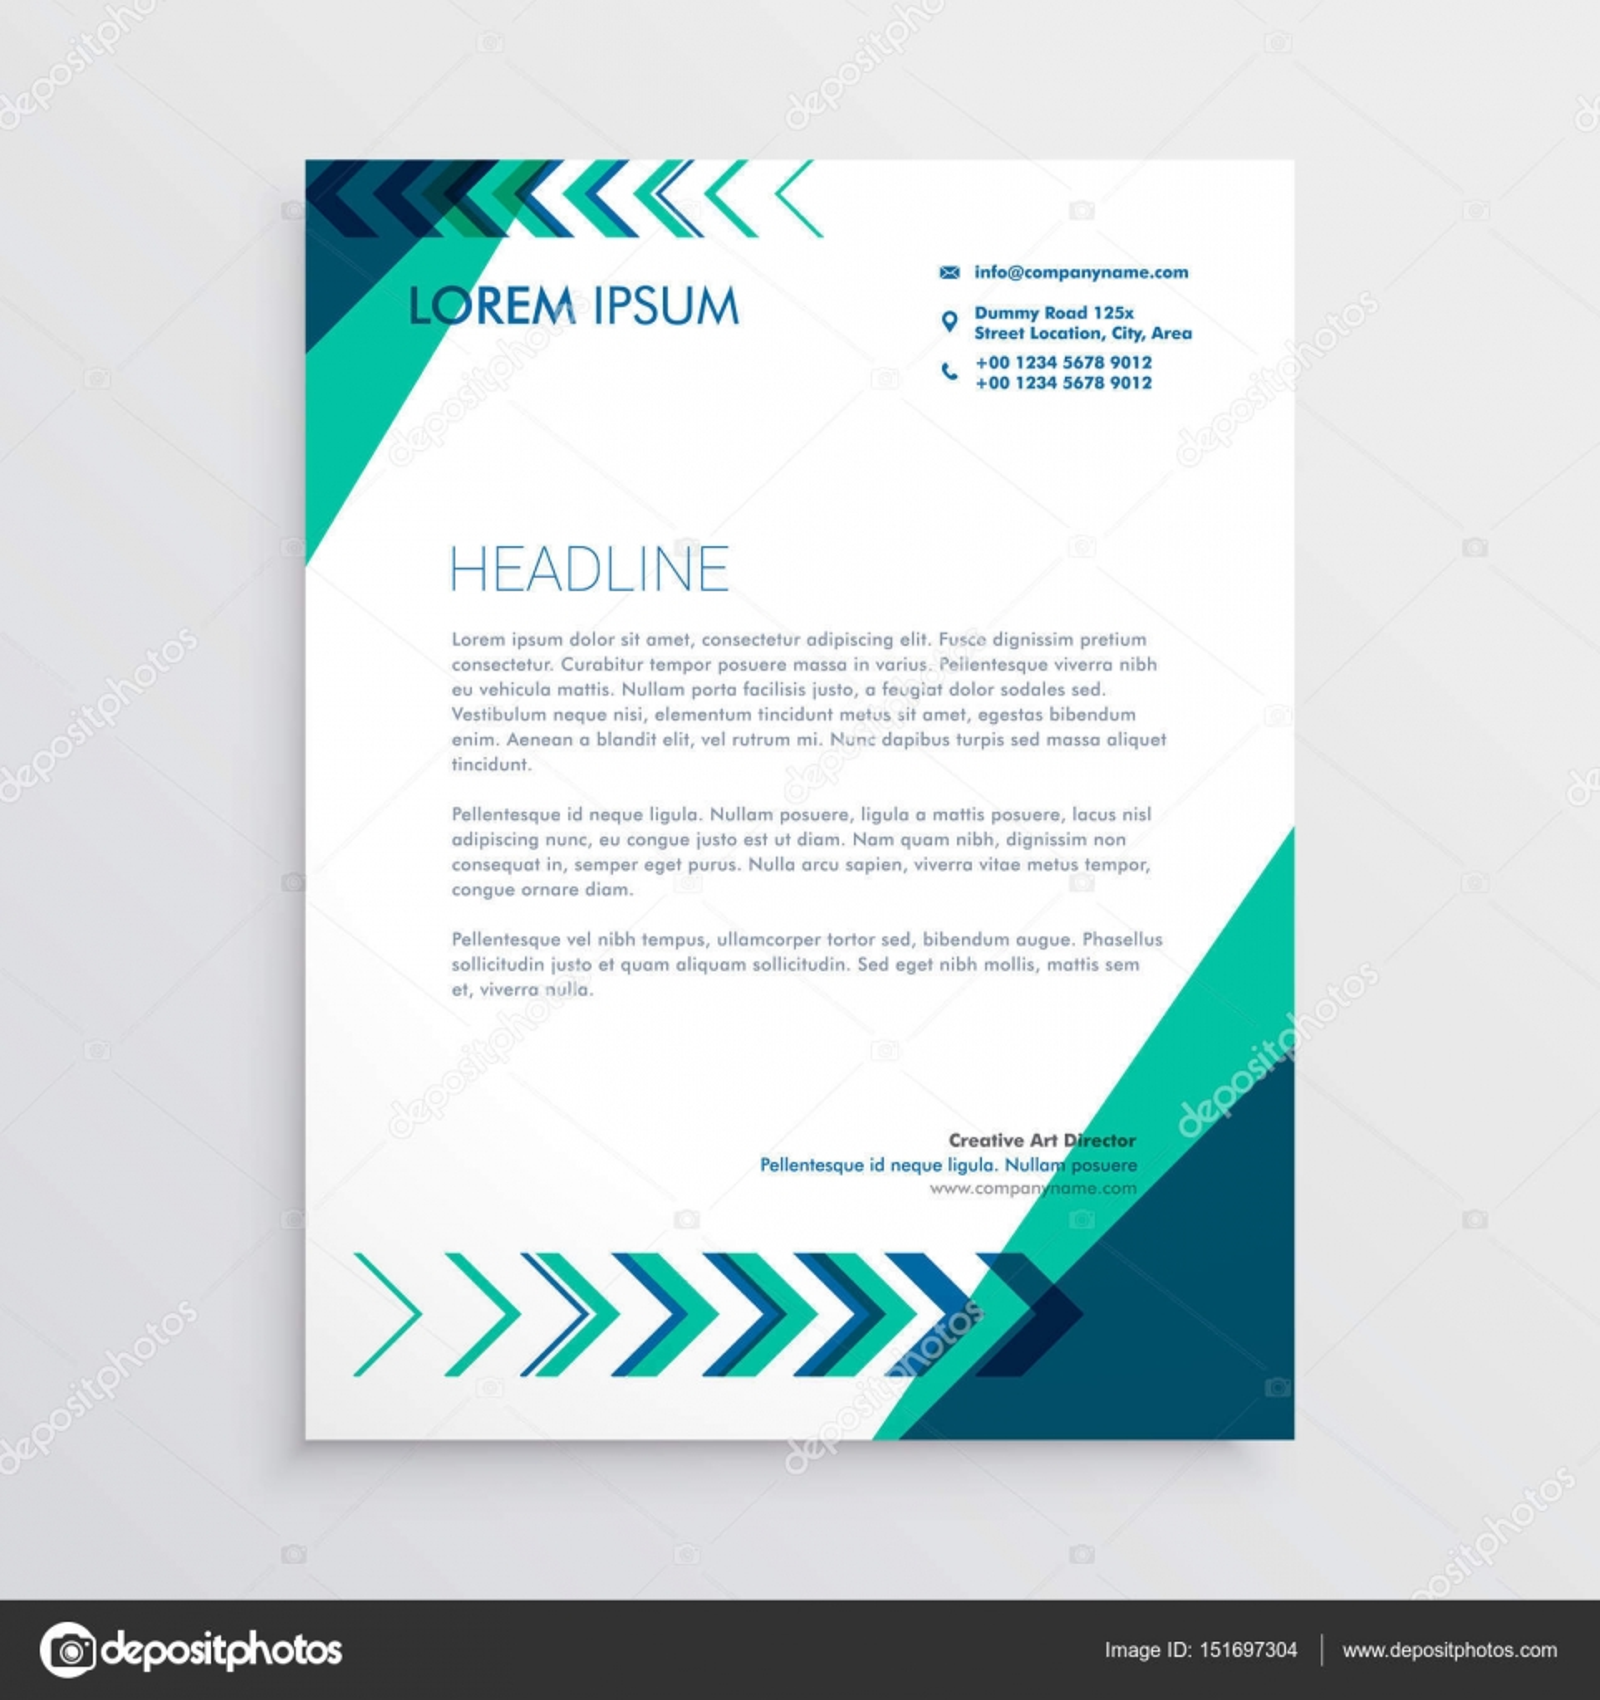 Kreative Briefkopf Design In Grün Und Blau Farbe Mit Pfeil